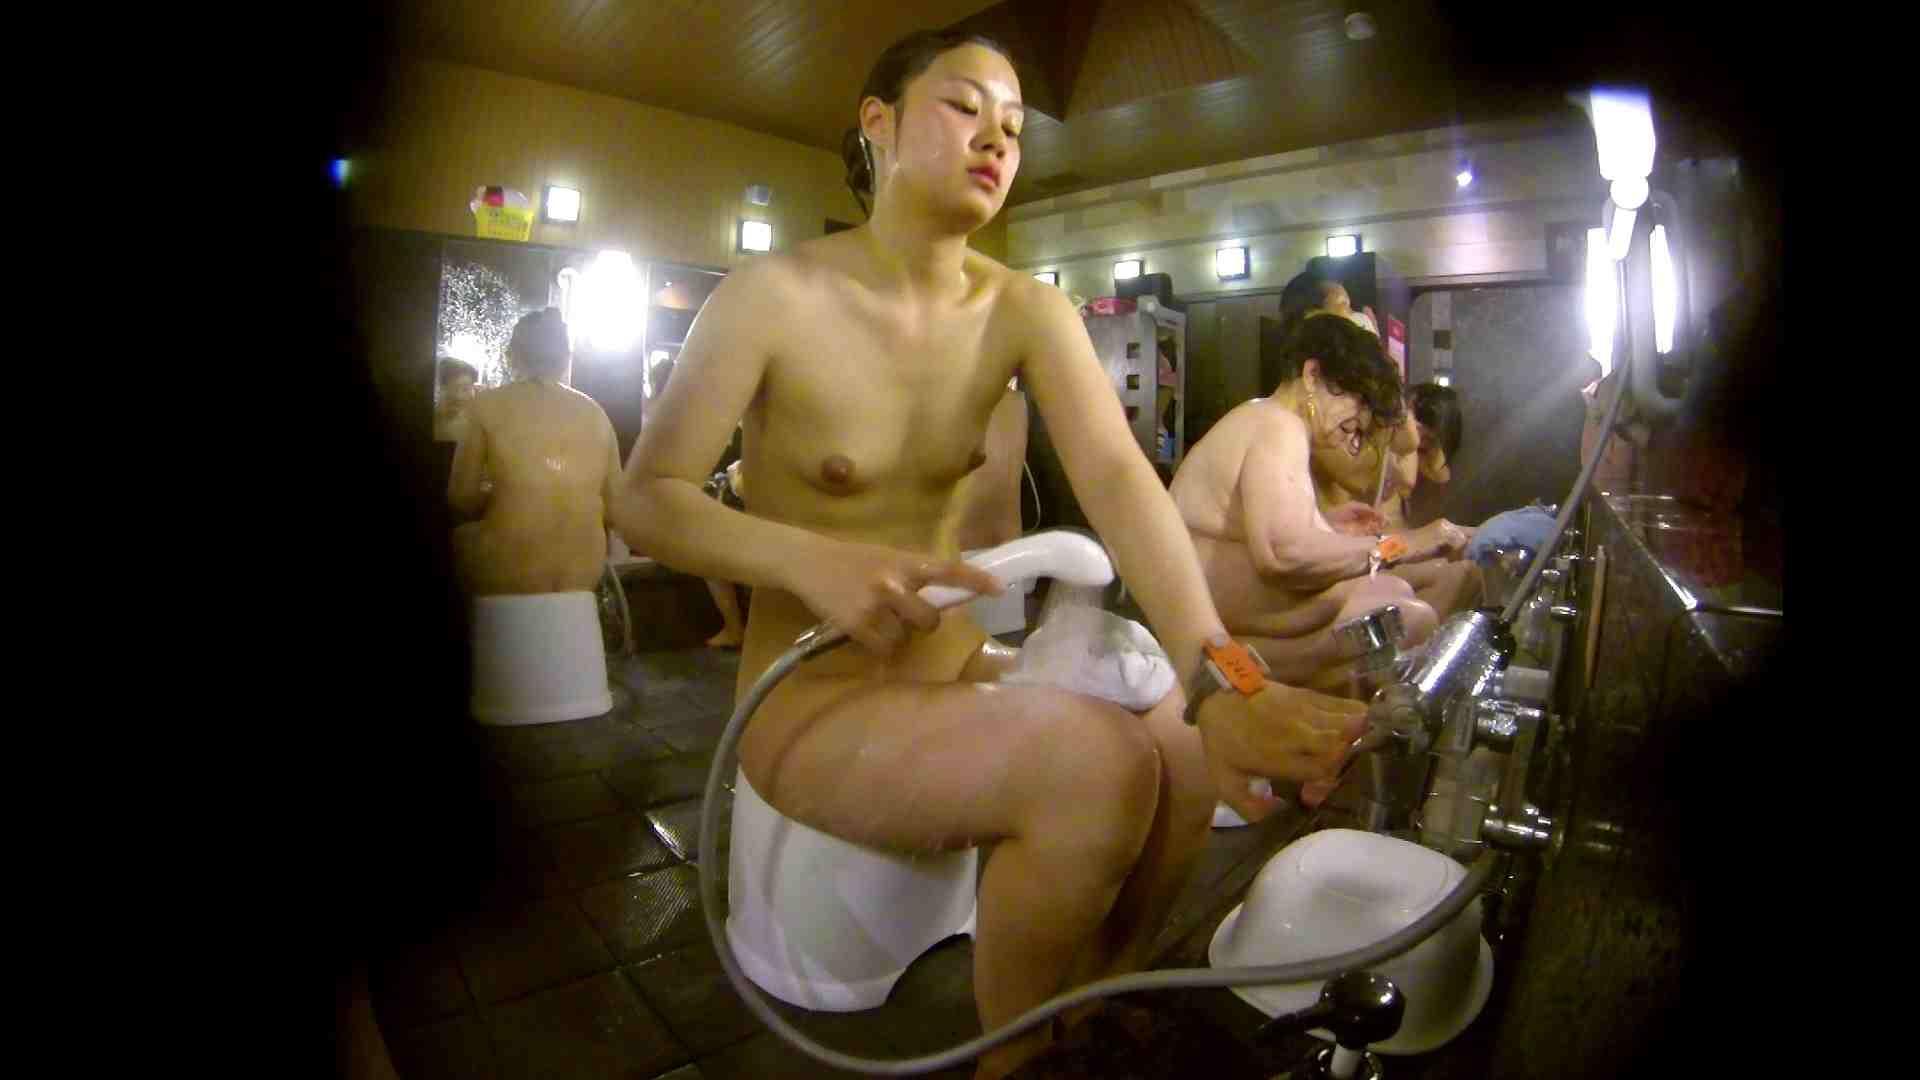 追い撮り!脱衣~洗い場、徹底追跡!撮り師さんに拍手!! むっちり | 追跡  95画像 55